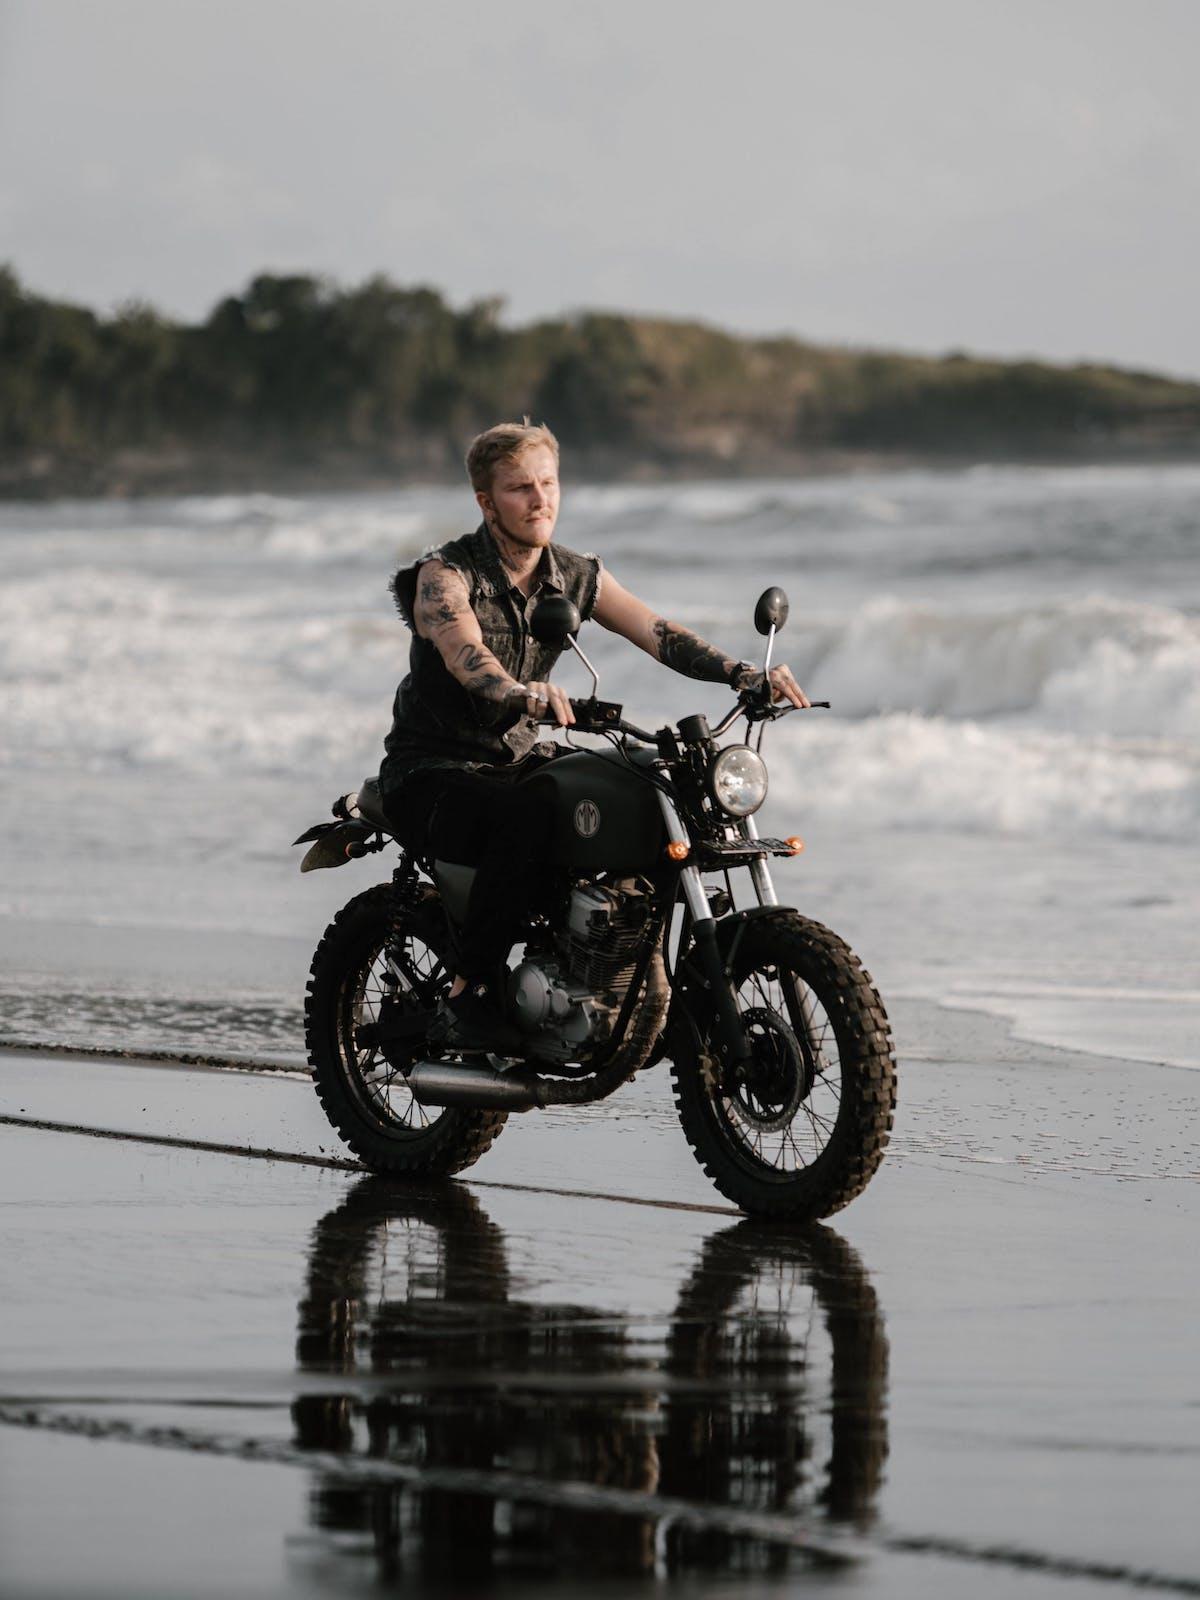 Tattooed motorcyclist riding bike along ocean coast in 4348221